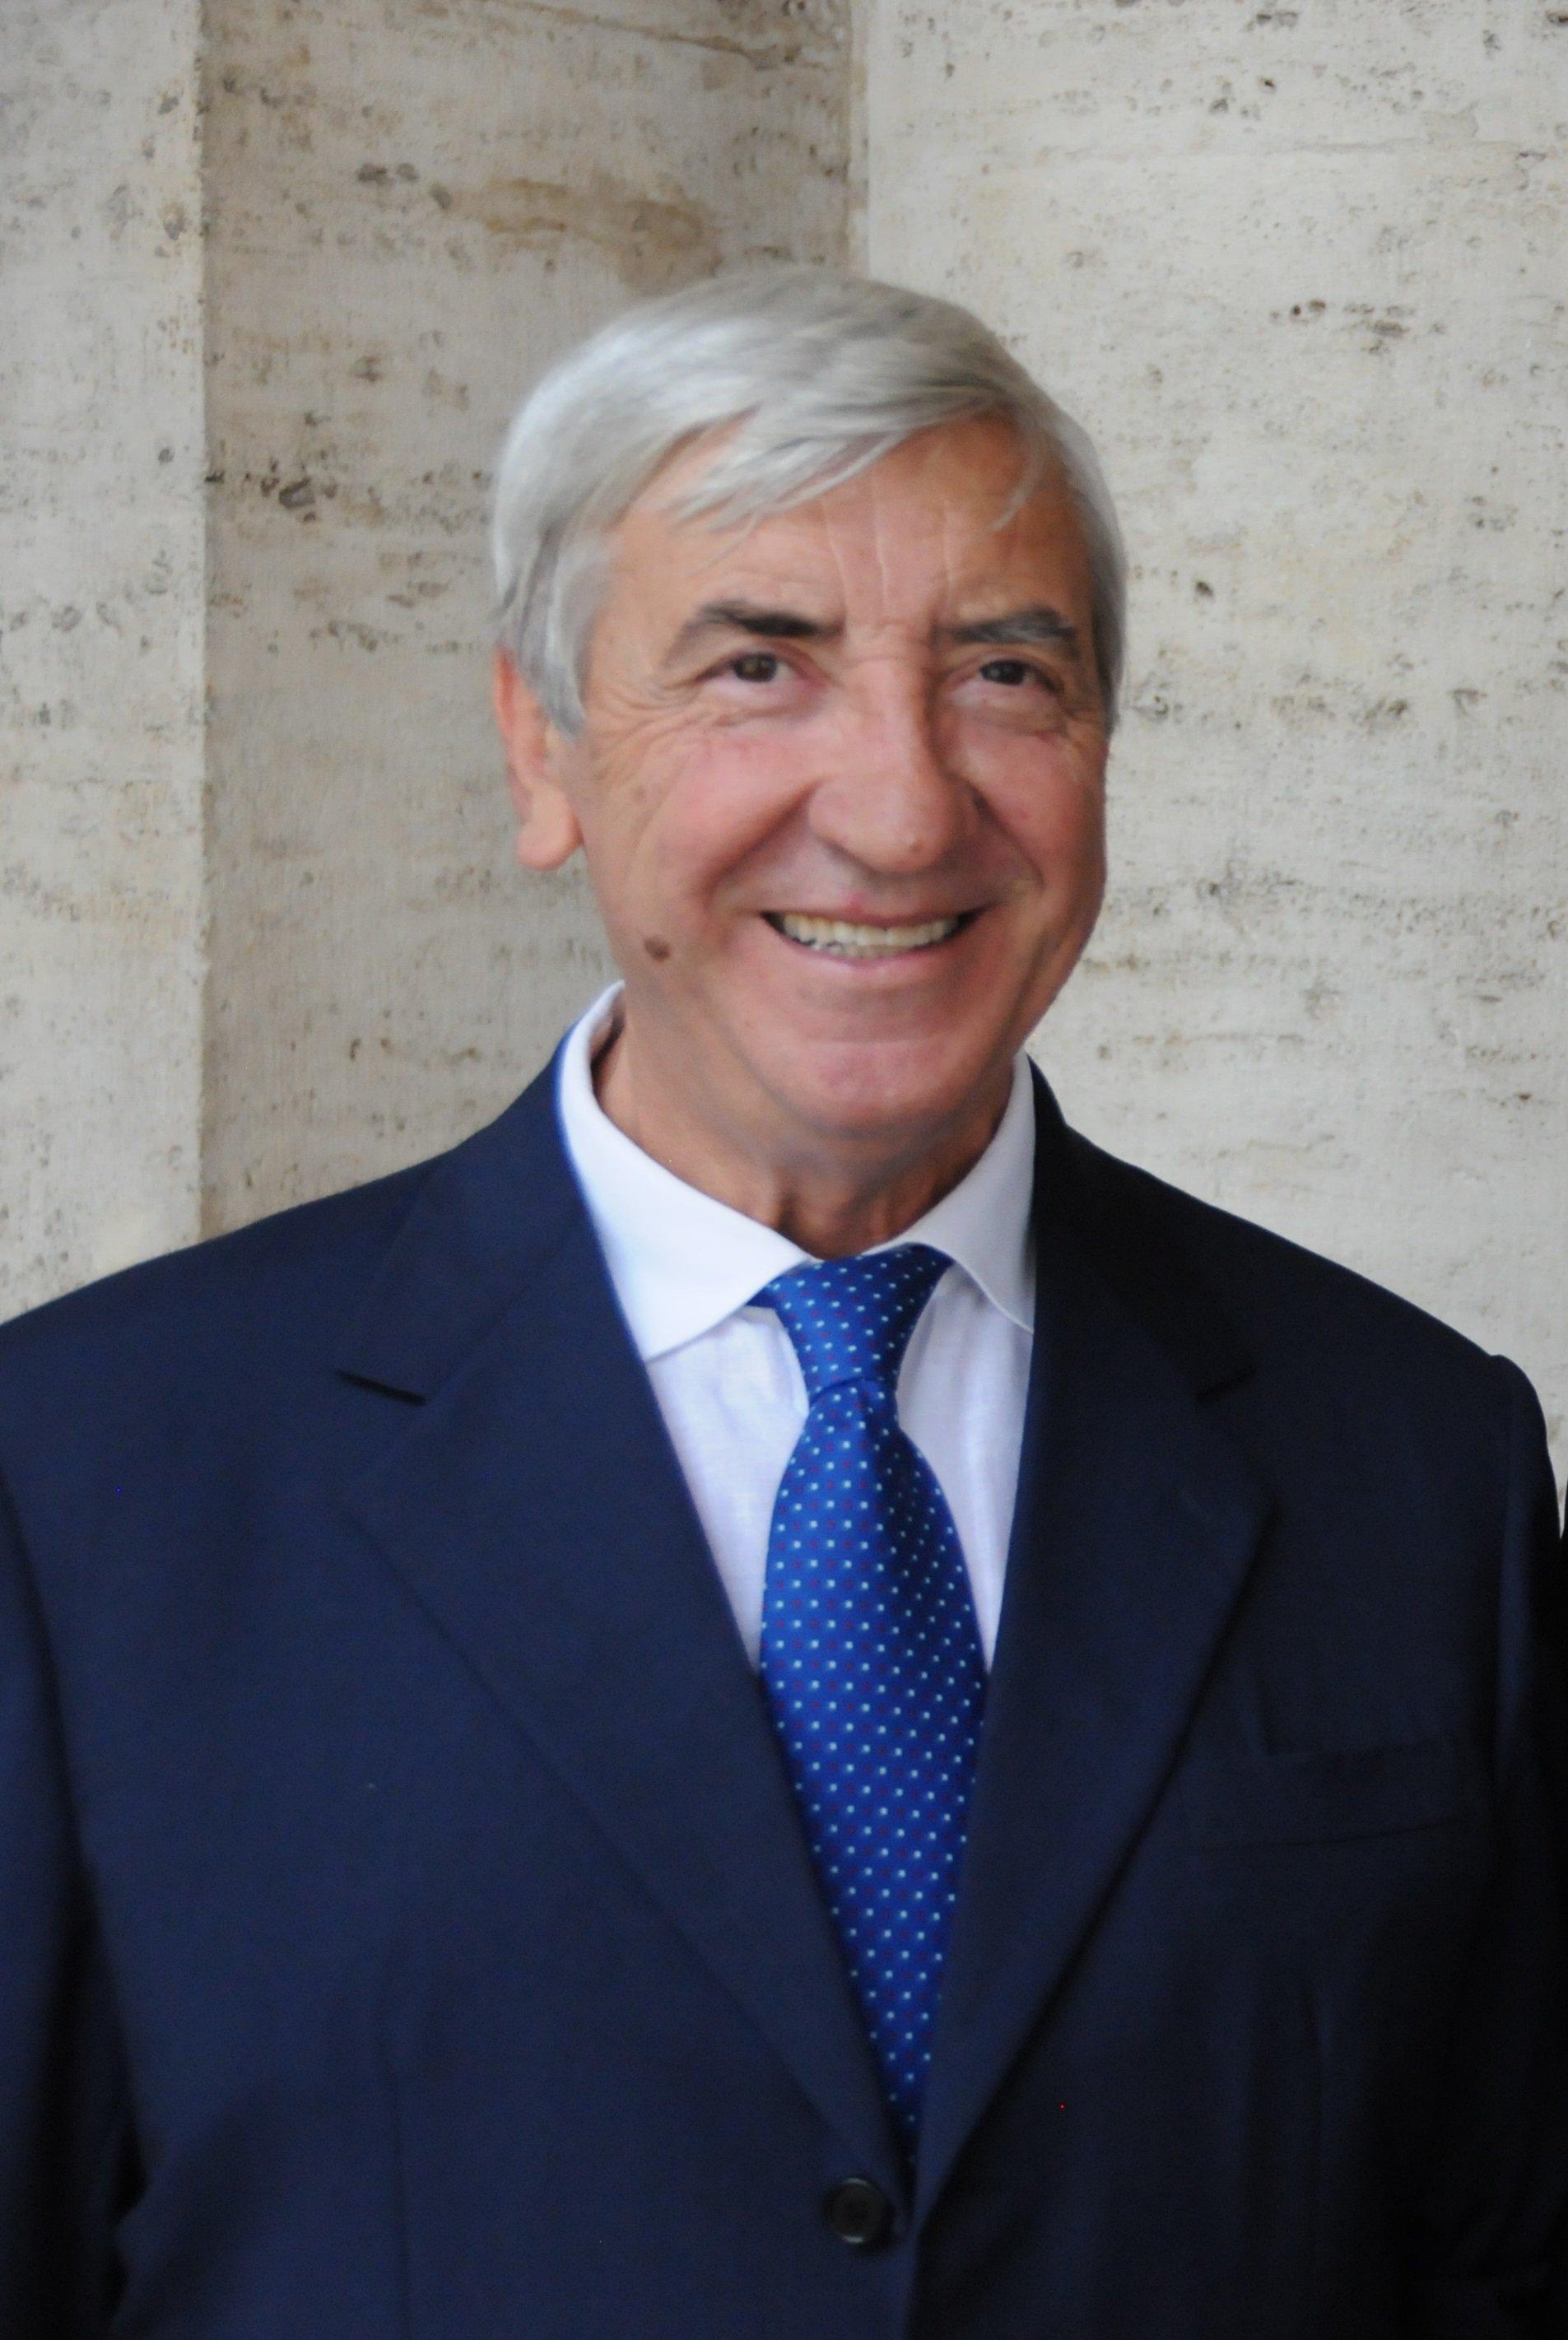 Federalimentare ha nominato Enrico Colavita consigliere incaricato per l'Europa